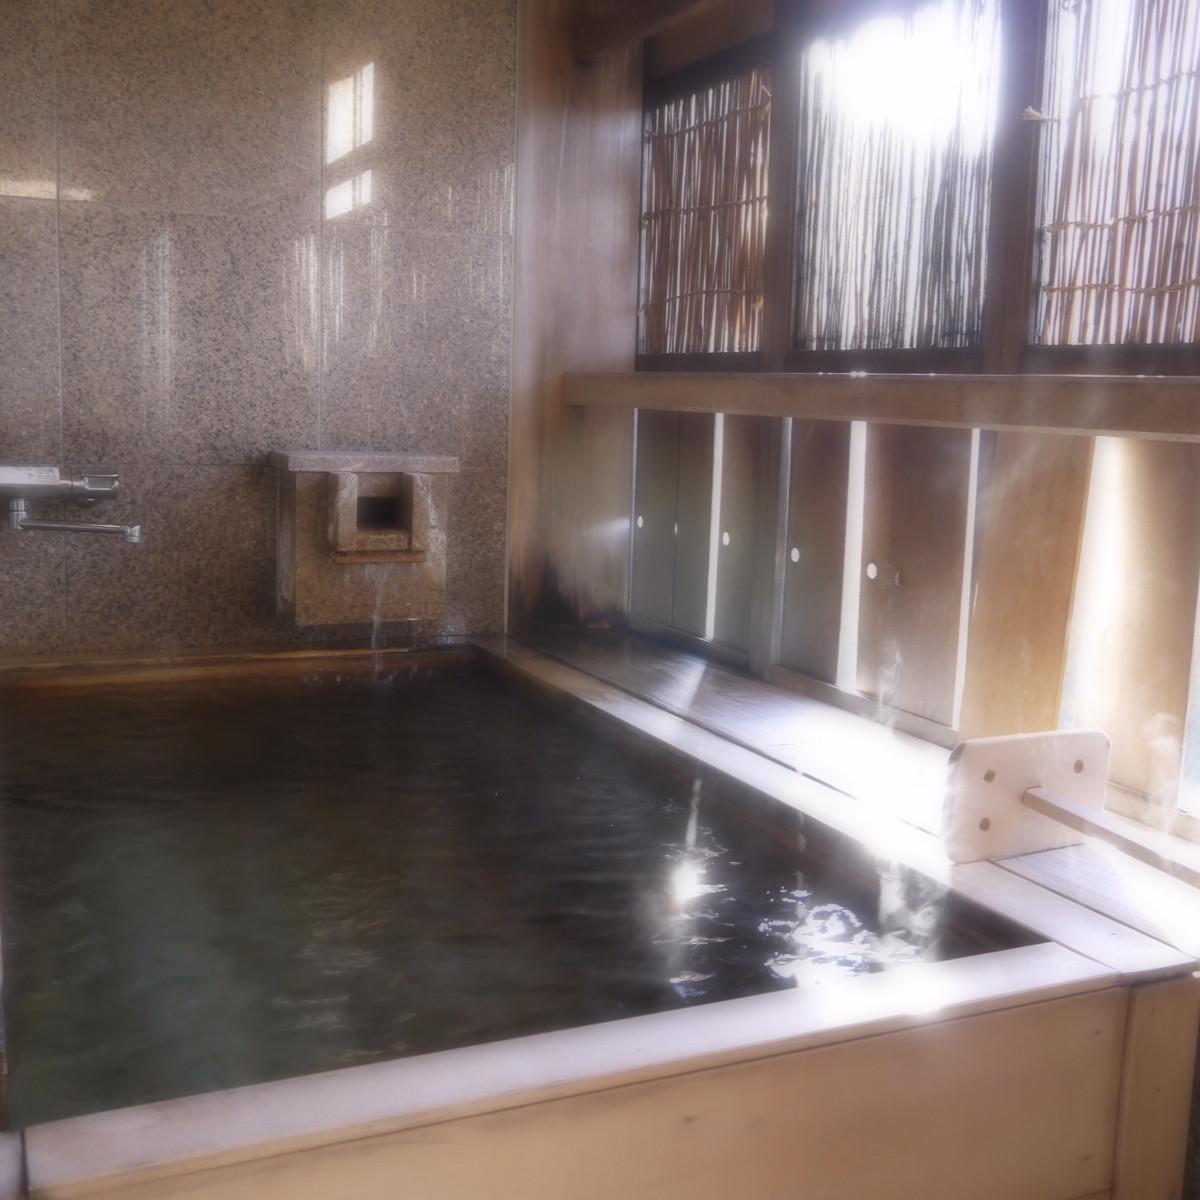 【女子旅】贅沢温泉宿で浴衣女子旅!美味すぎる日本酒情報も*吉祥やまなかレポート前編_1_3